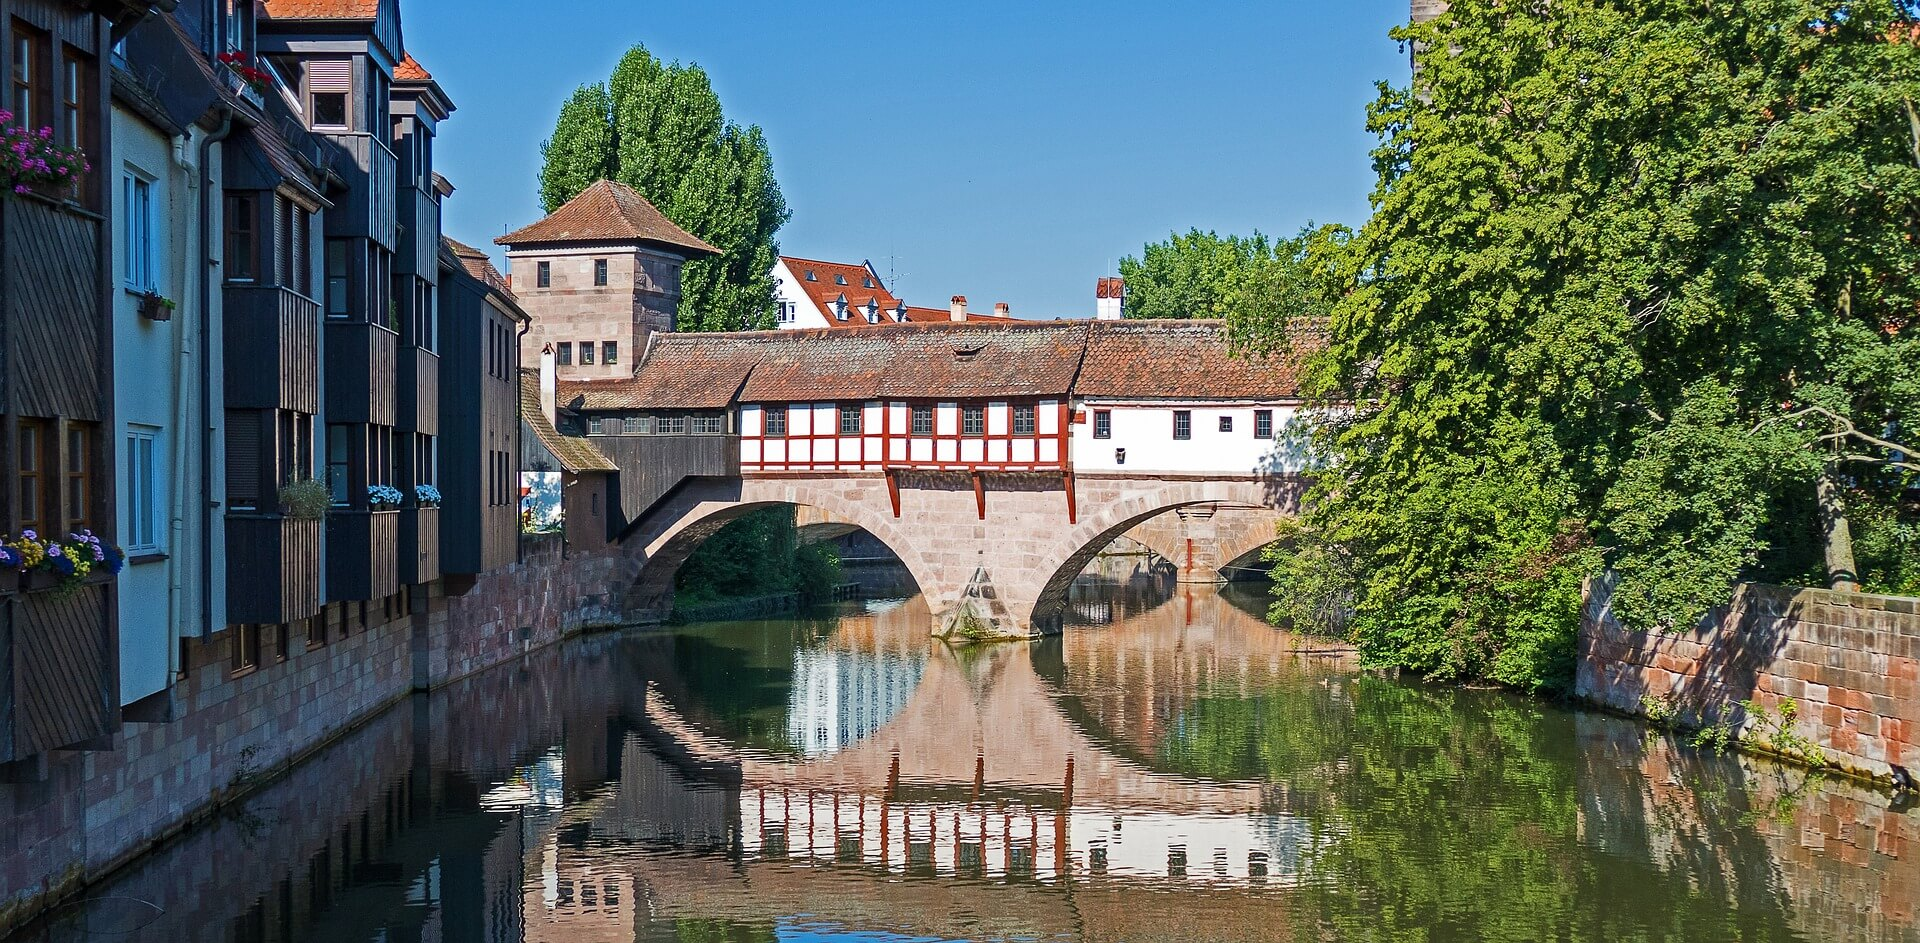 Direktflüge und Billigflüge ab Frankfurt nach Nürnberg